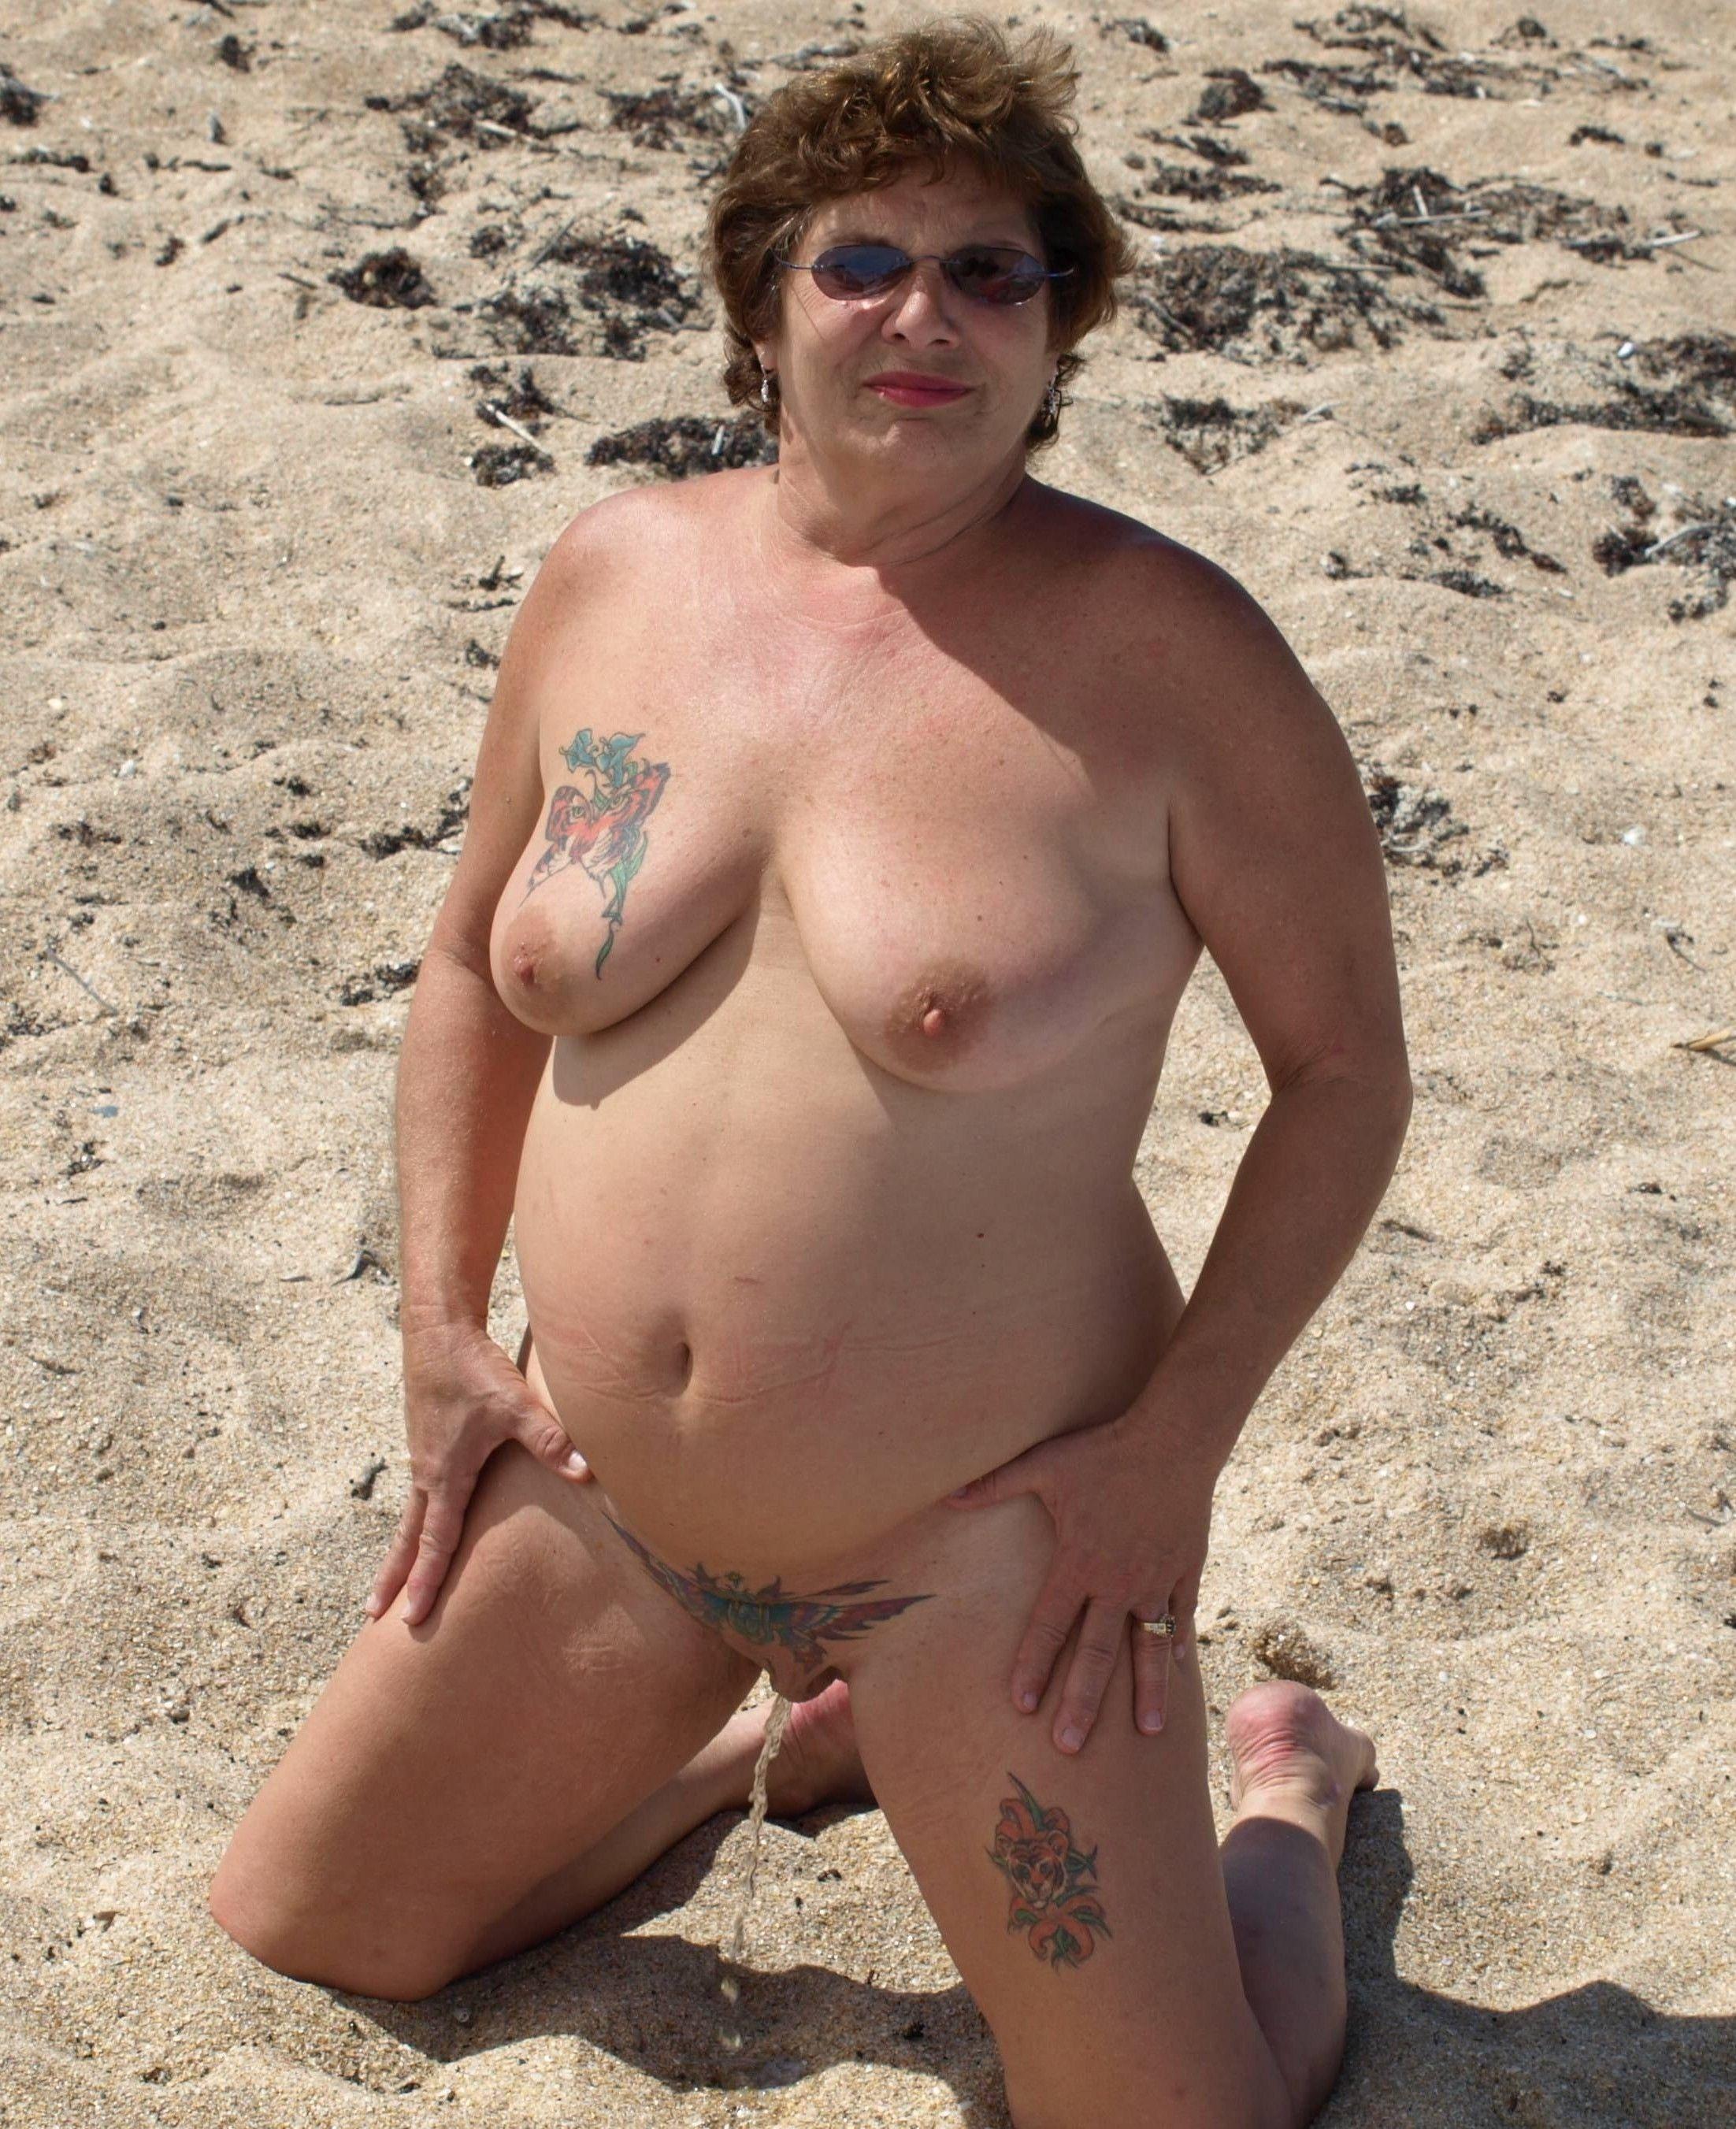 journaliste salope baise sur le sable